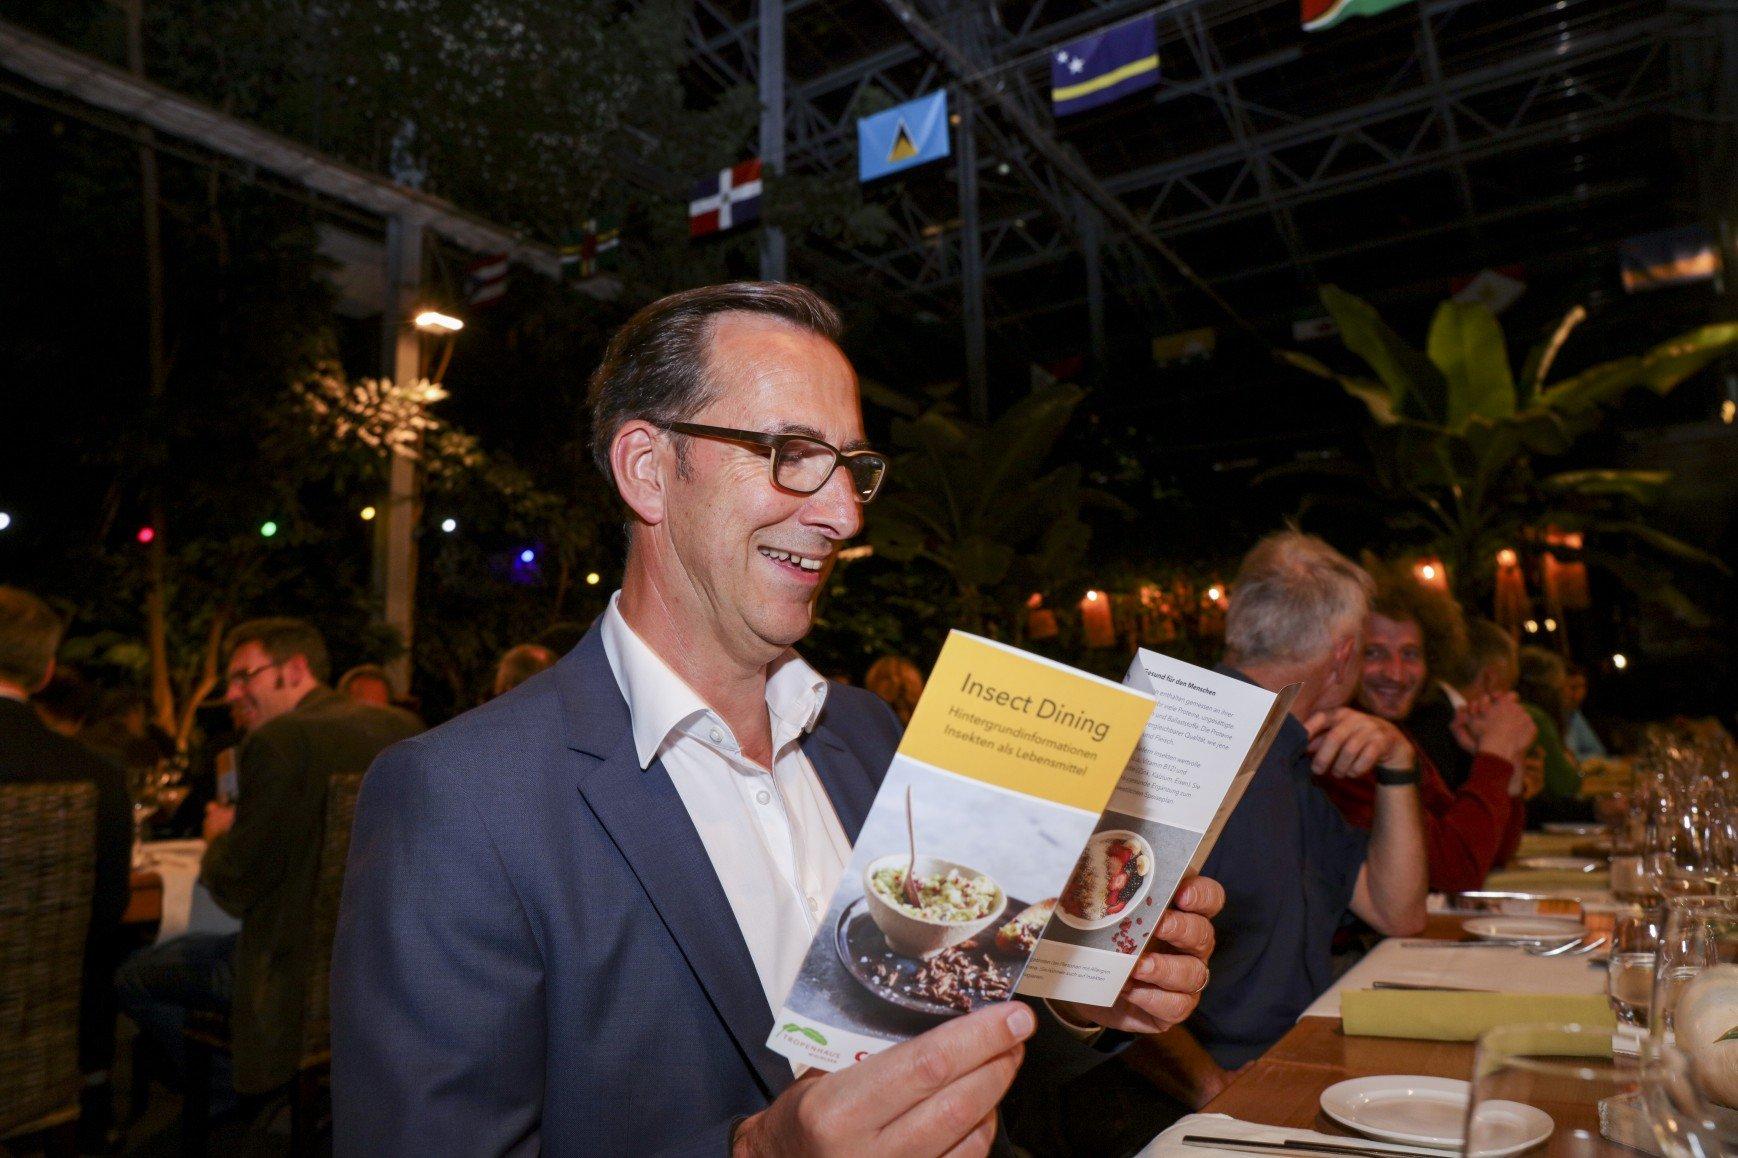 Roland Frefel, Mitveranstalter des Abends, schaut sich die pikante Menükarte an.